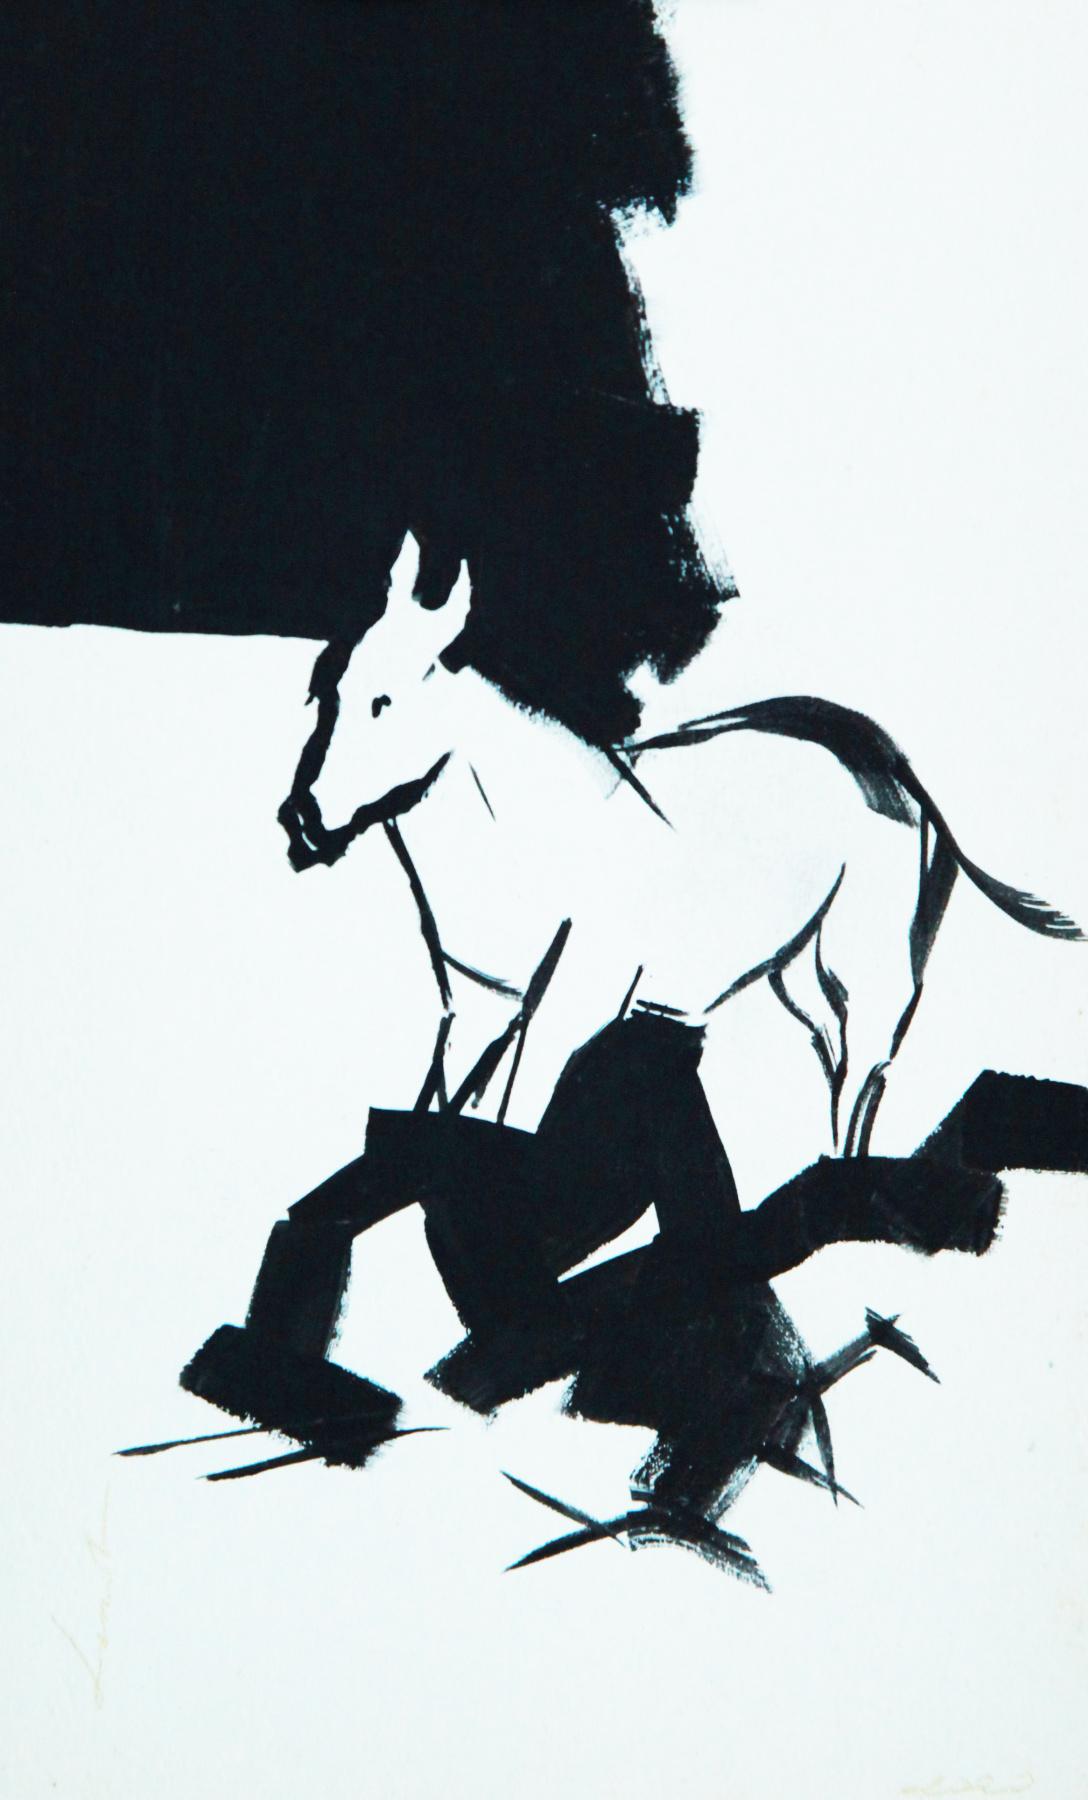 Lenok. The donkey